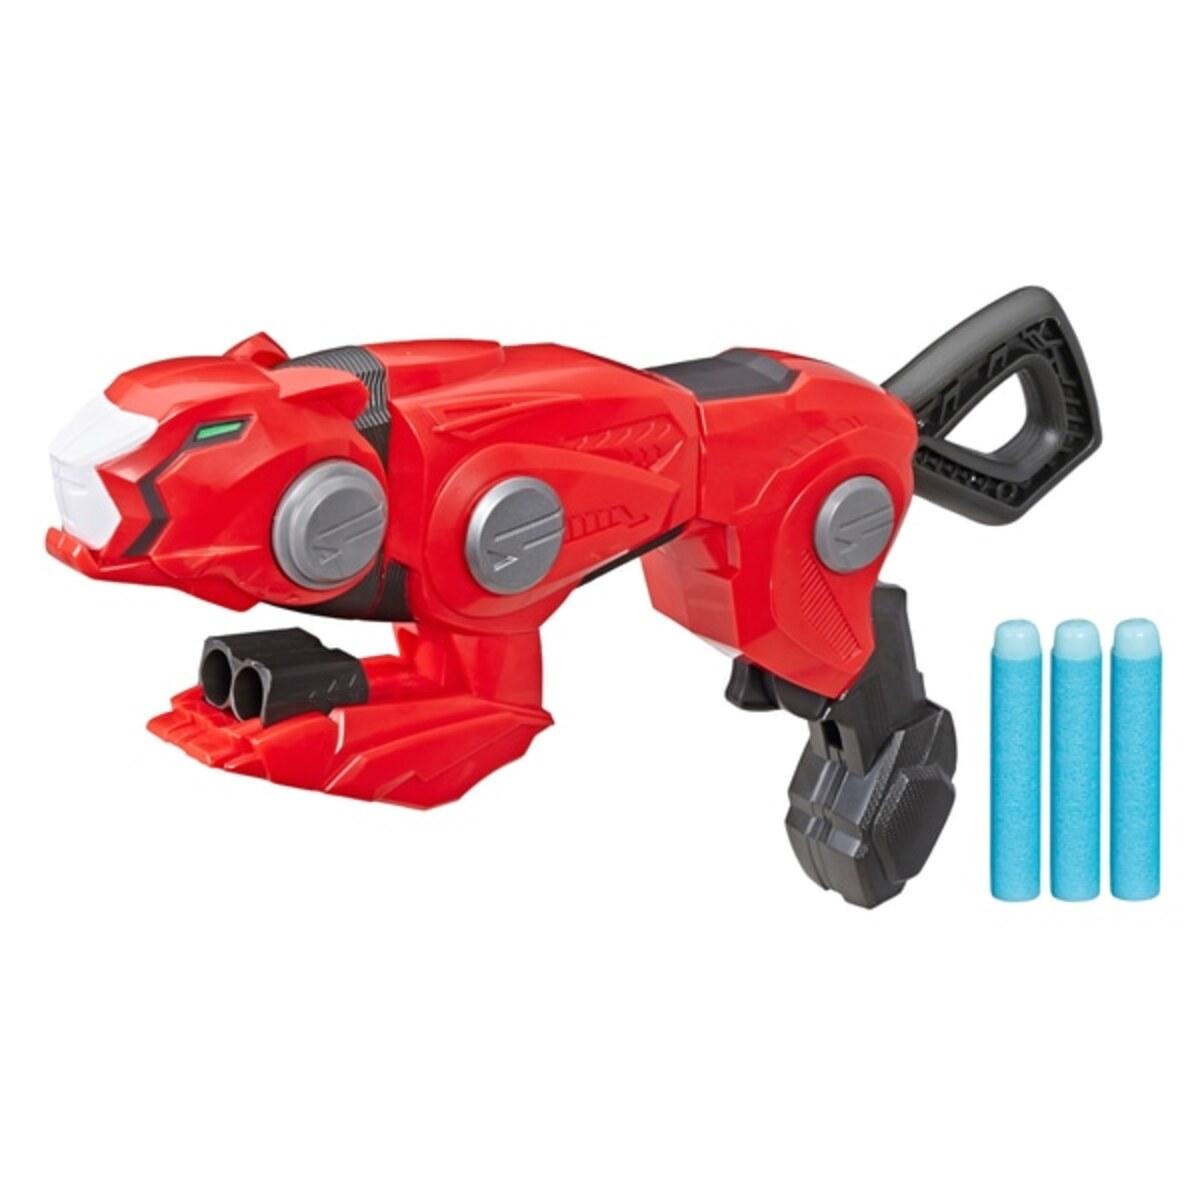 Bild 3 von Power Rangers - Cheetah Beast Blaster